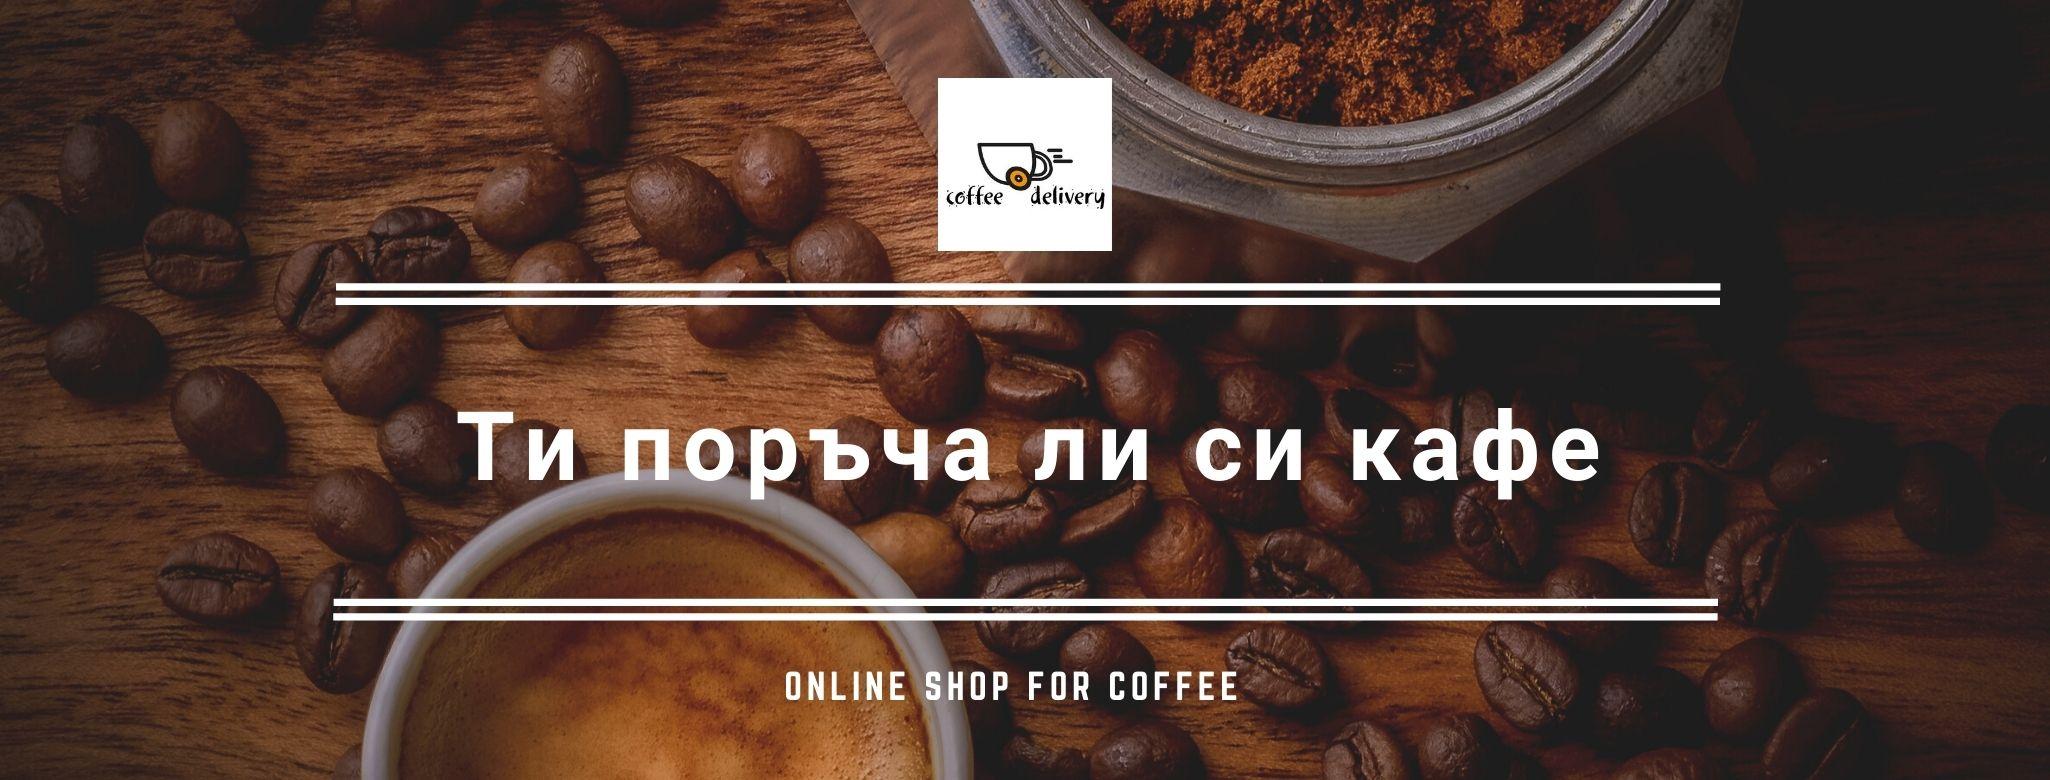 Ти поръча ли си кафе